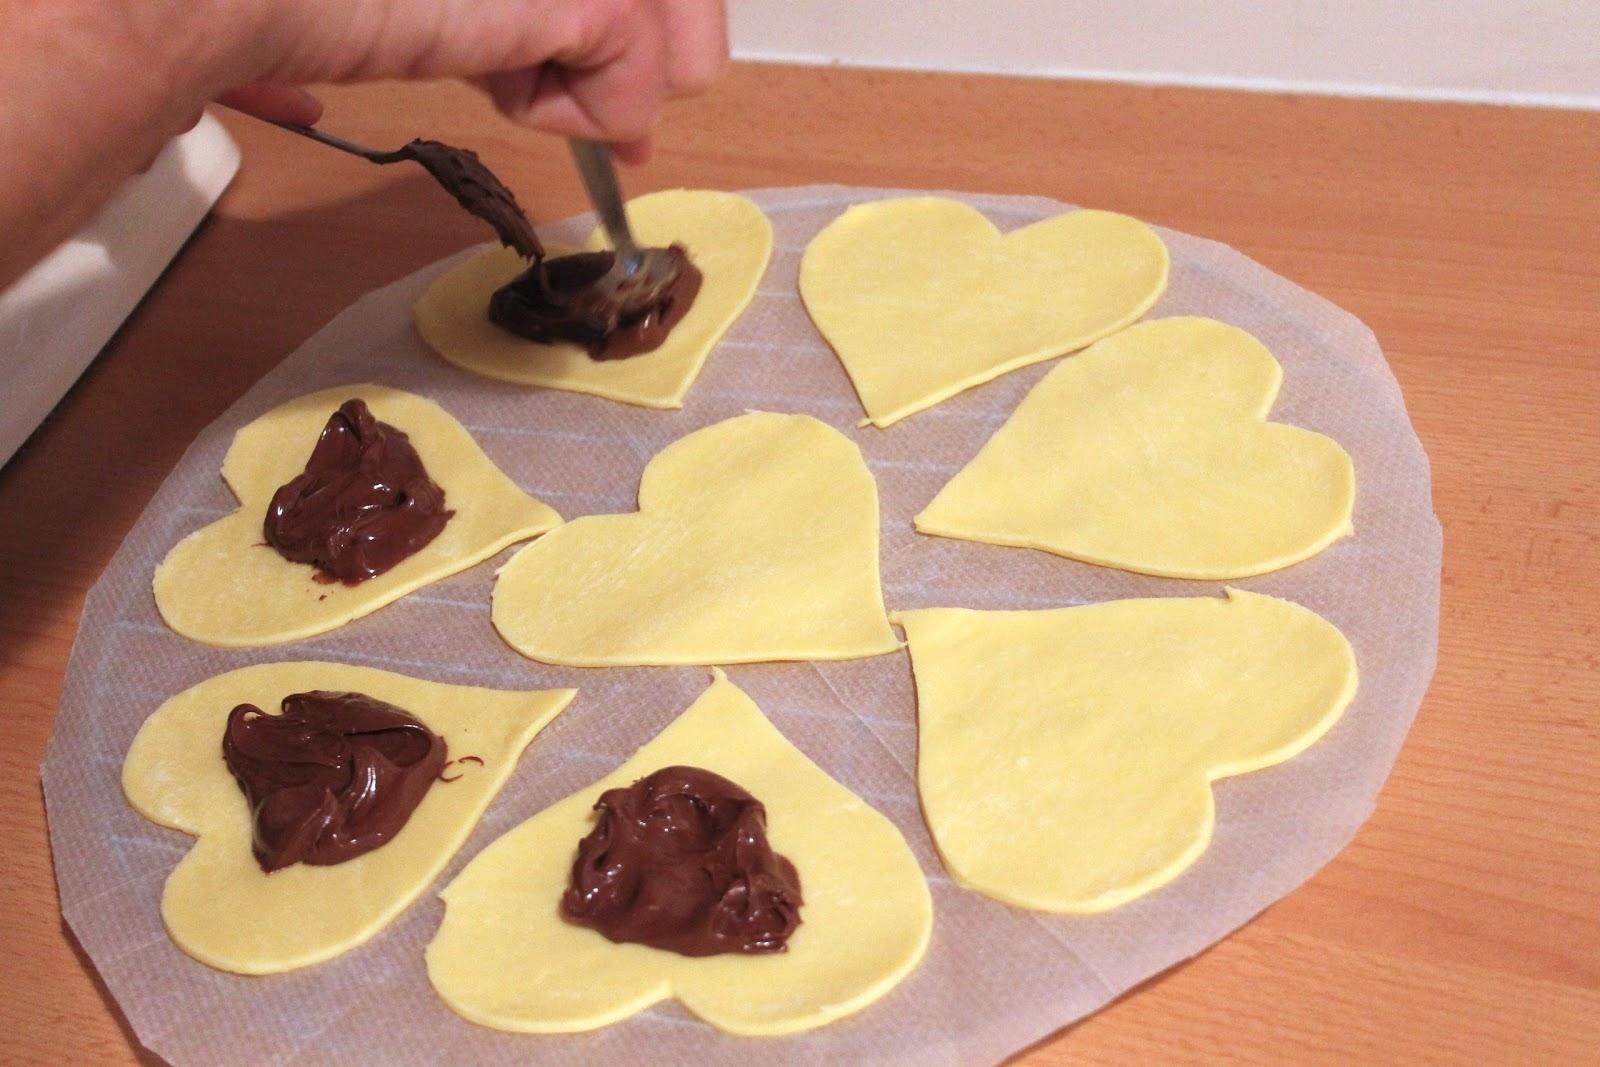 Exceptionnel A manger et à voir: Coeur d'amour feuilleté au nutella (vidéo) PH65